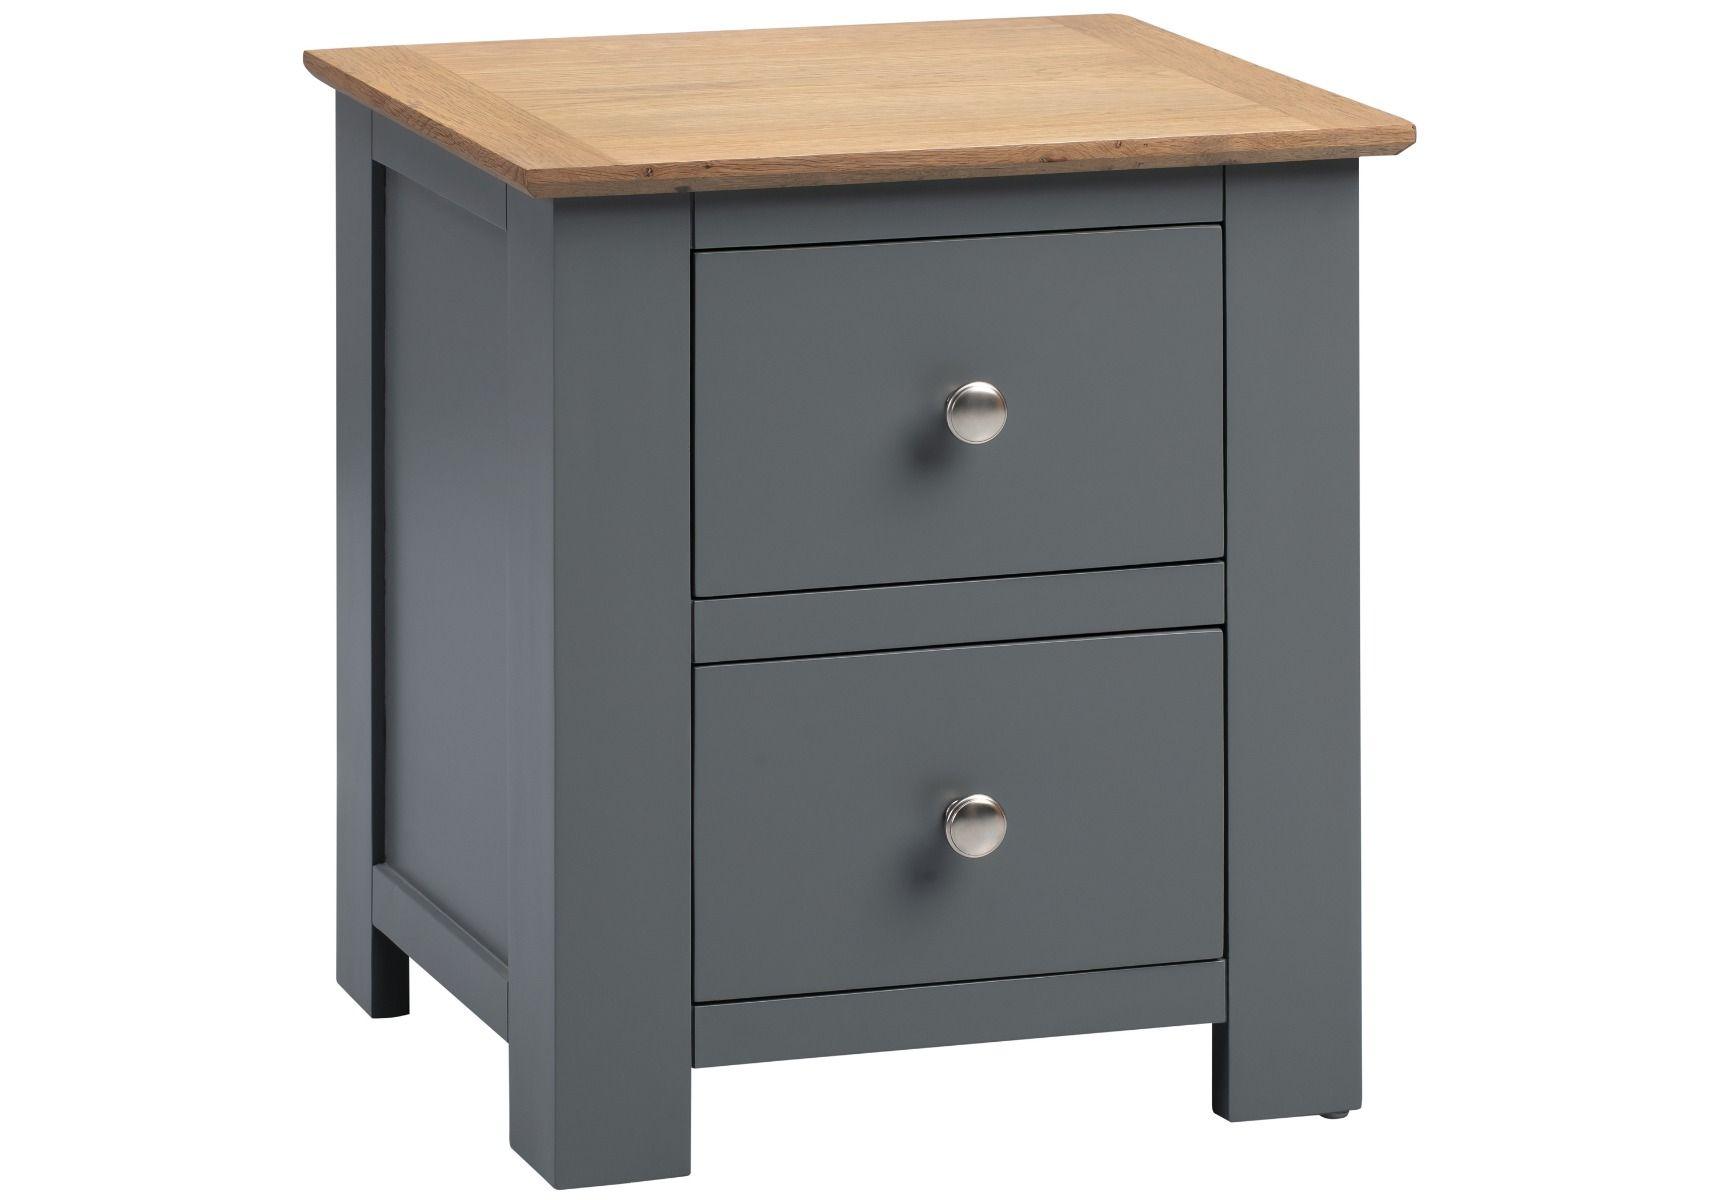 Flintshire Furniture Conway Grey Painted 2 Drawer Oak Bedside Cabinet